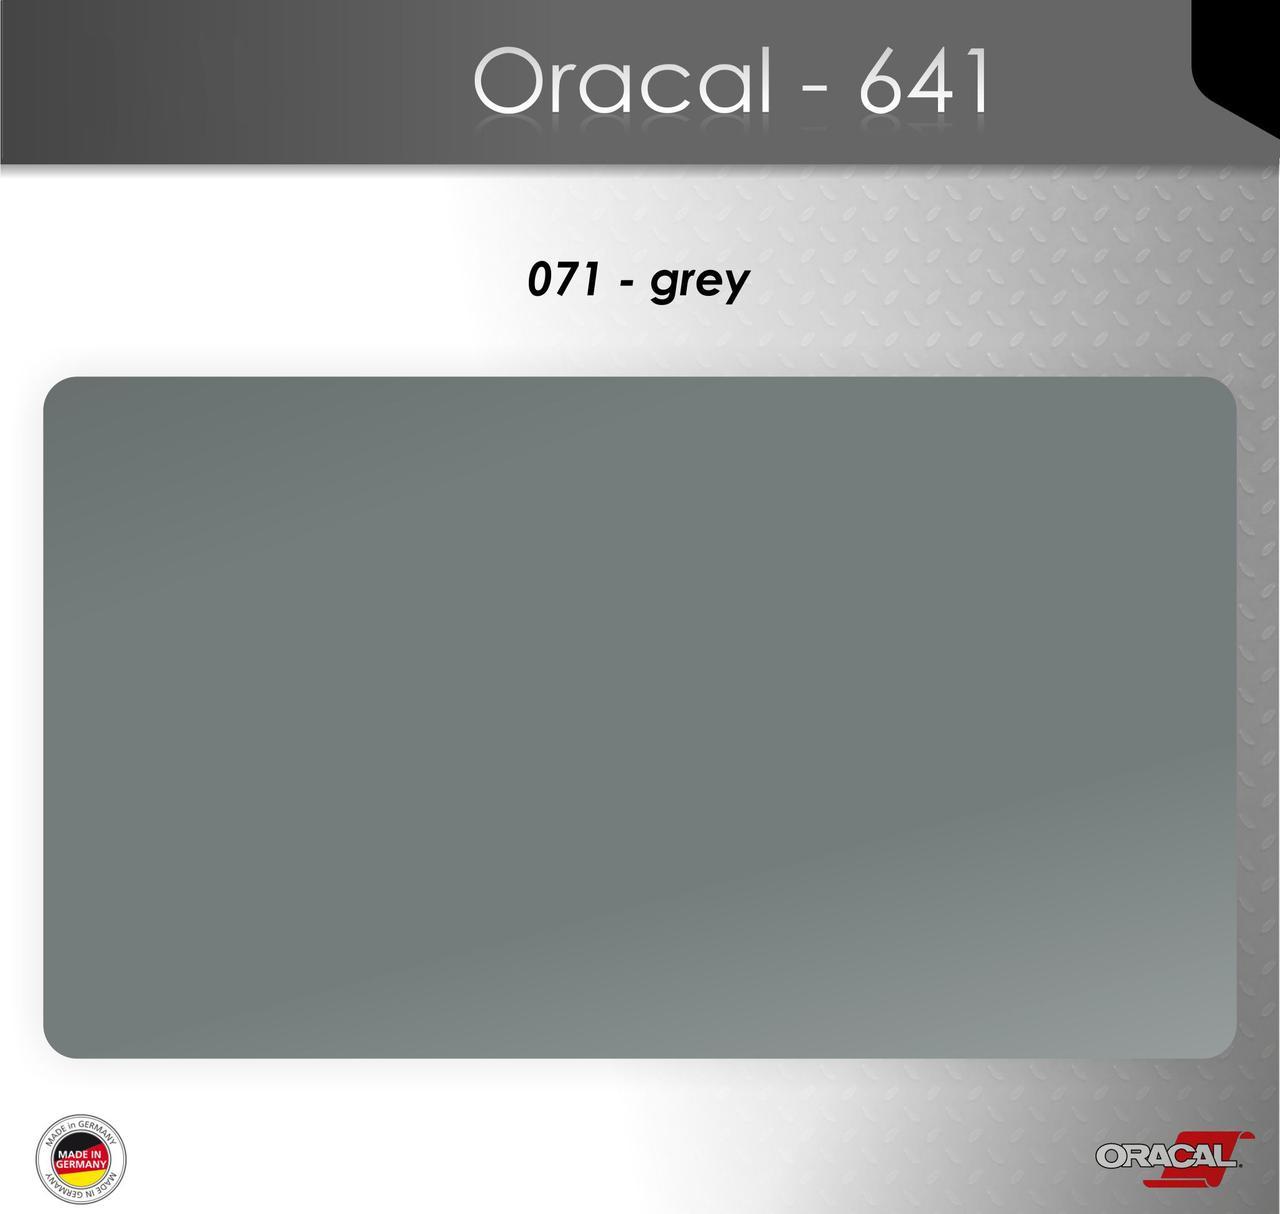 Пленка Оракал 641/серый (071)